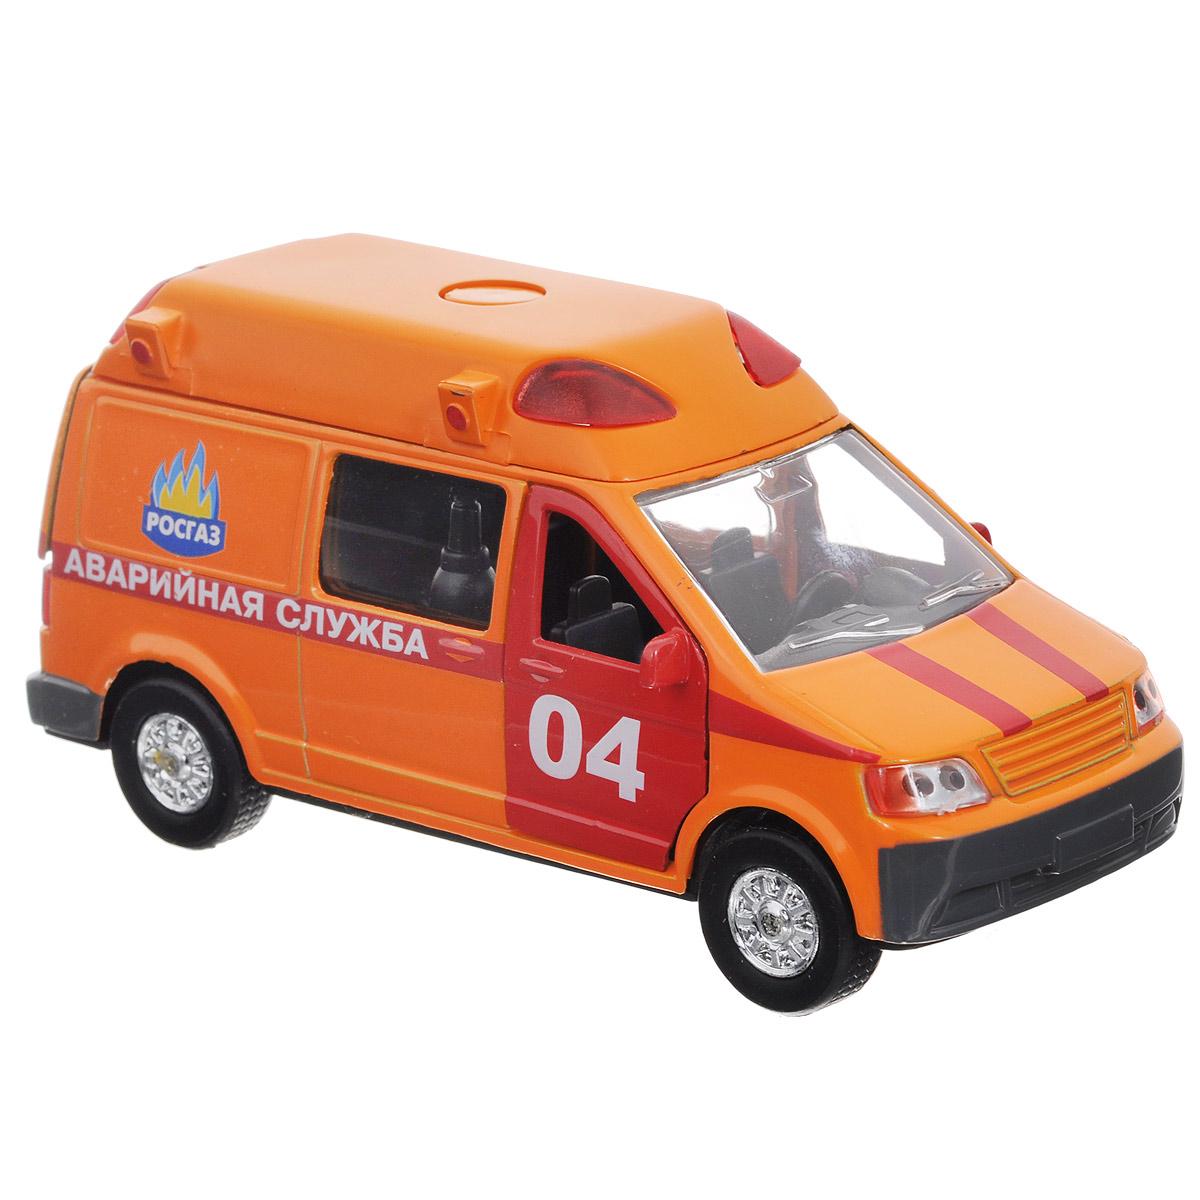 ТехноПарк Машинка инерционная Аварийная служба 04CT-1167(SL1106A)Машинка инерционная ТехноПарк Аварийная служба выполненная из пластика и металла, станет любимой игрушкой вашего малыша. Игрушка представляет собой модель автомобиля Аварийной службы. Дверцы кабины и багажного отделения открываются. При нажатии на кнопку на крыше модели, замигают проблесковые маячки и прозвучат звуки сирены. Игрушка оснащена инерционным ходом. Машинку необходимо отвести назад, затем отпустить - и она быстро поедет вперед. Прорезиненные колеса обеспечивают надежное сцепление с любой поверхностью пола. Ваш ребенок будет часами играть с этой машинкой, придумывая различные истории. Порадуйте его таким замечательным подарком! Машинка работает от батареек (товар комплектуется демонстрационными).